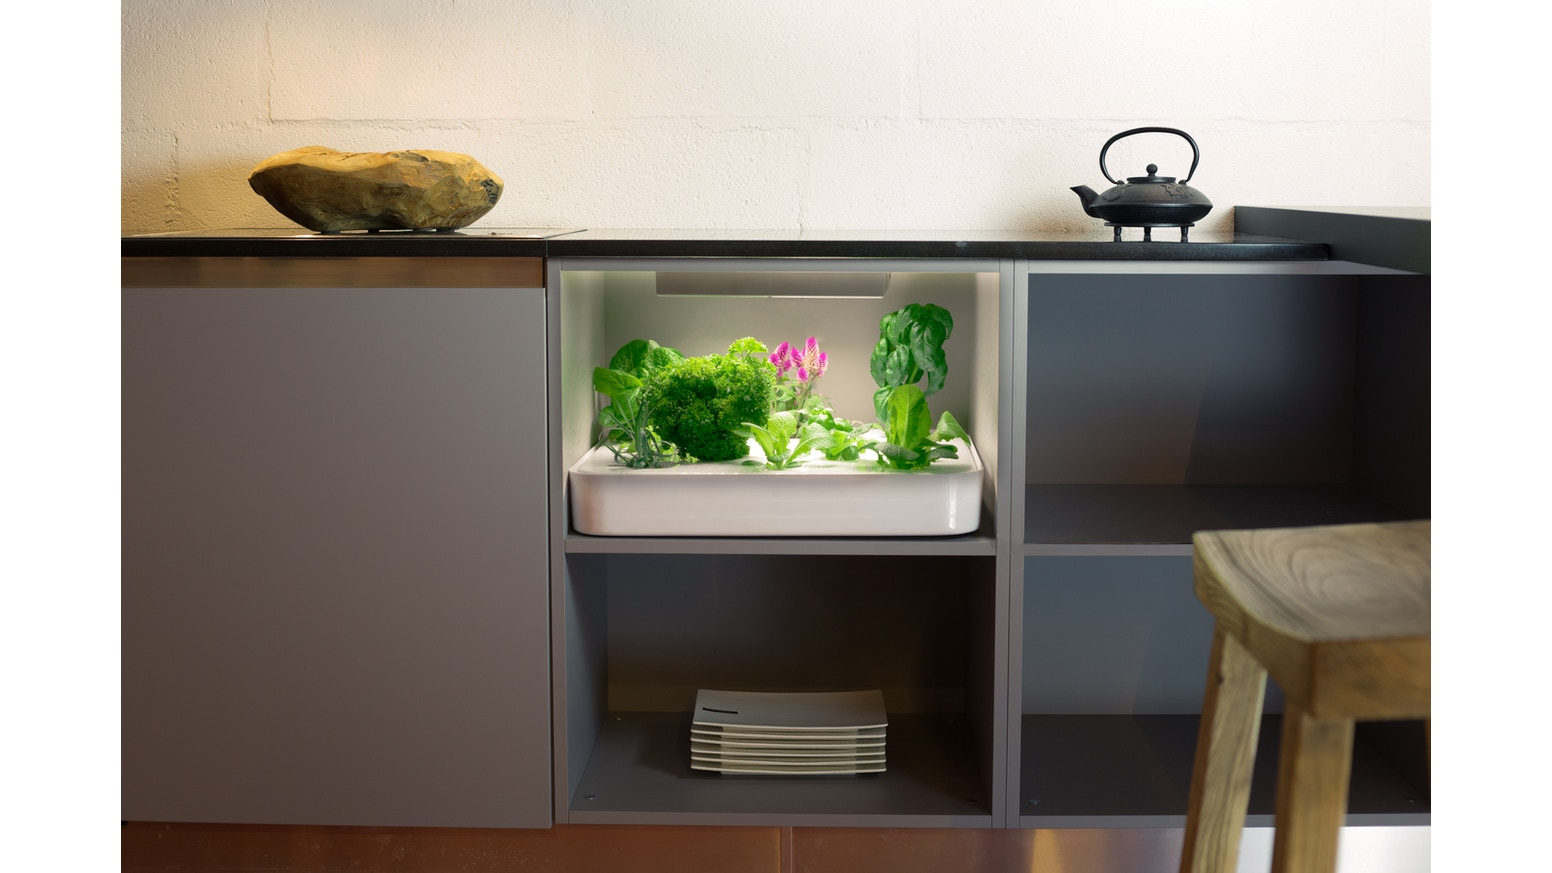 Herb Garden For Kitchen Vegidair The Herb Garden In Your Kitchen By Vegidair Kickstarter